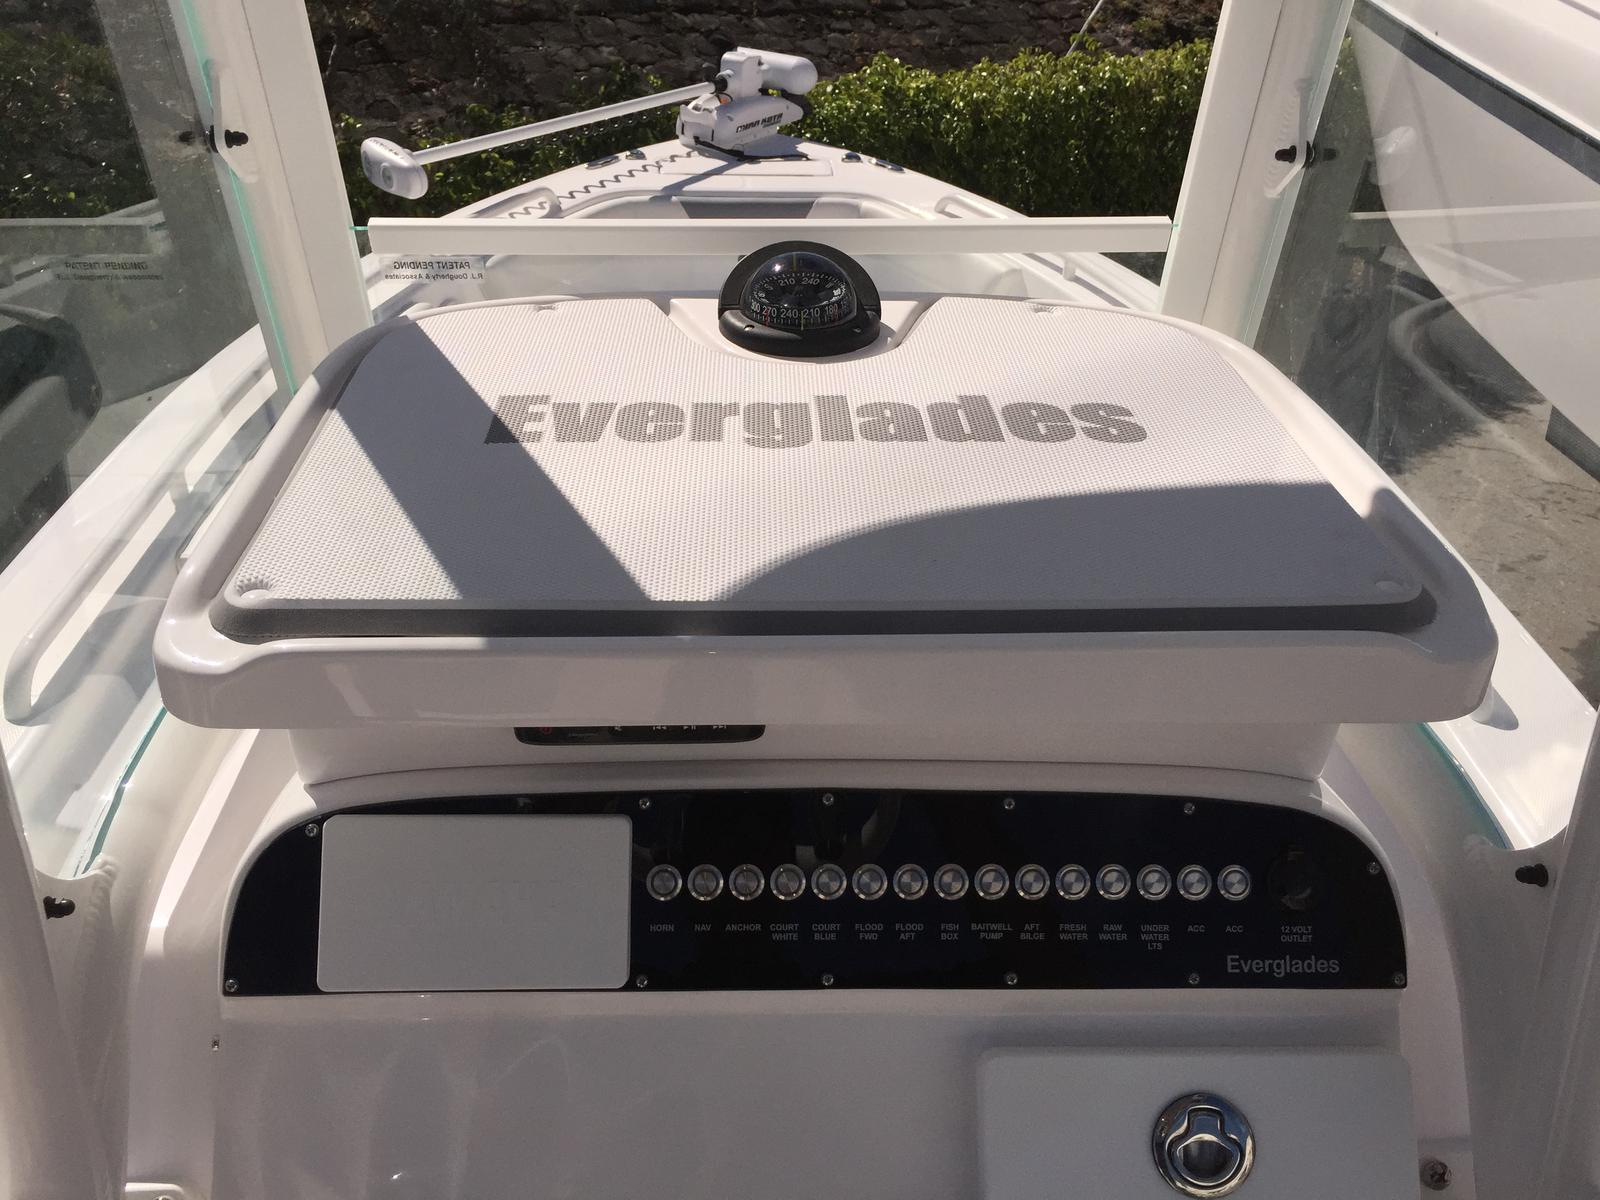 2015 Everglades Boats 243cc